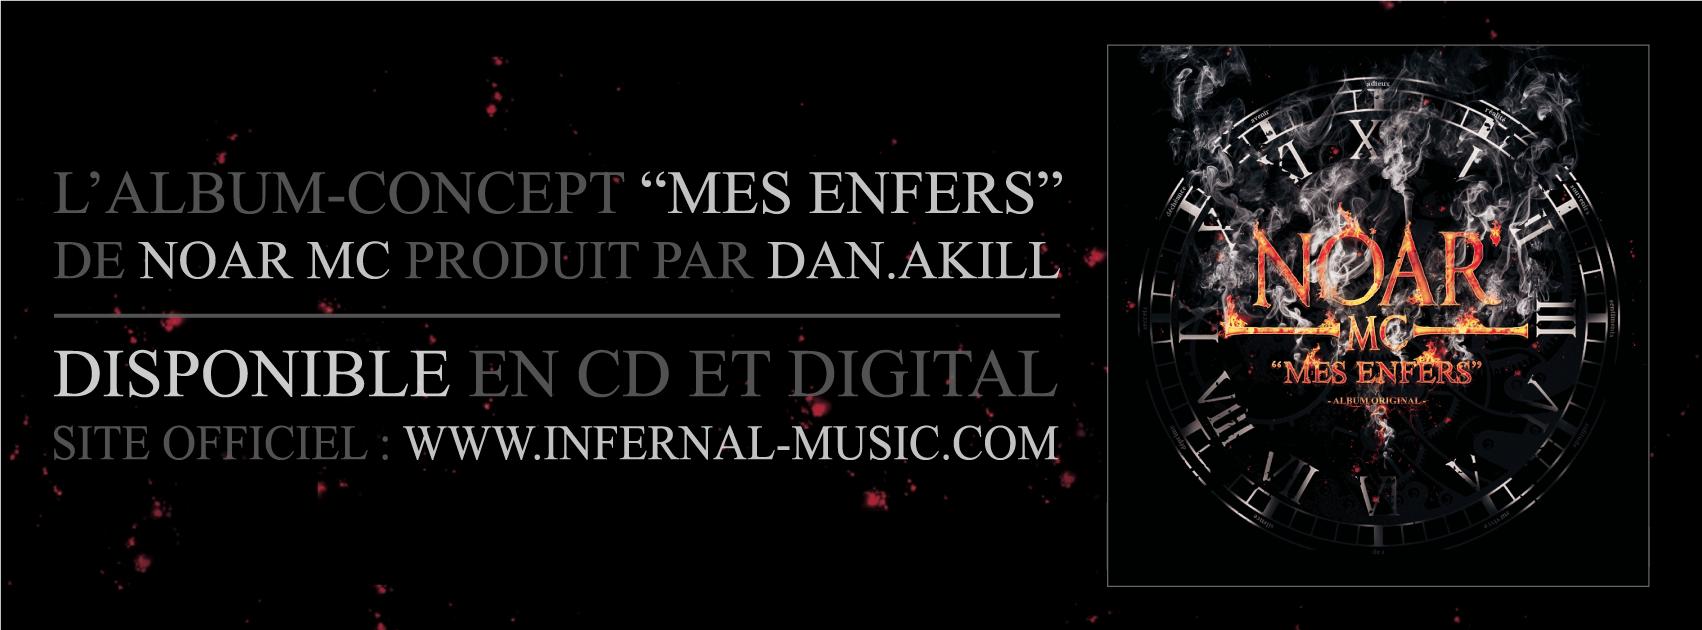 """""""Mes enfers"""", l'album concept de Noar Mc disponible en CD & Digital"""